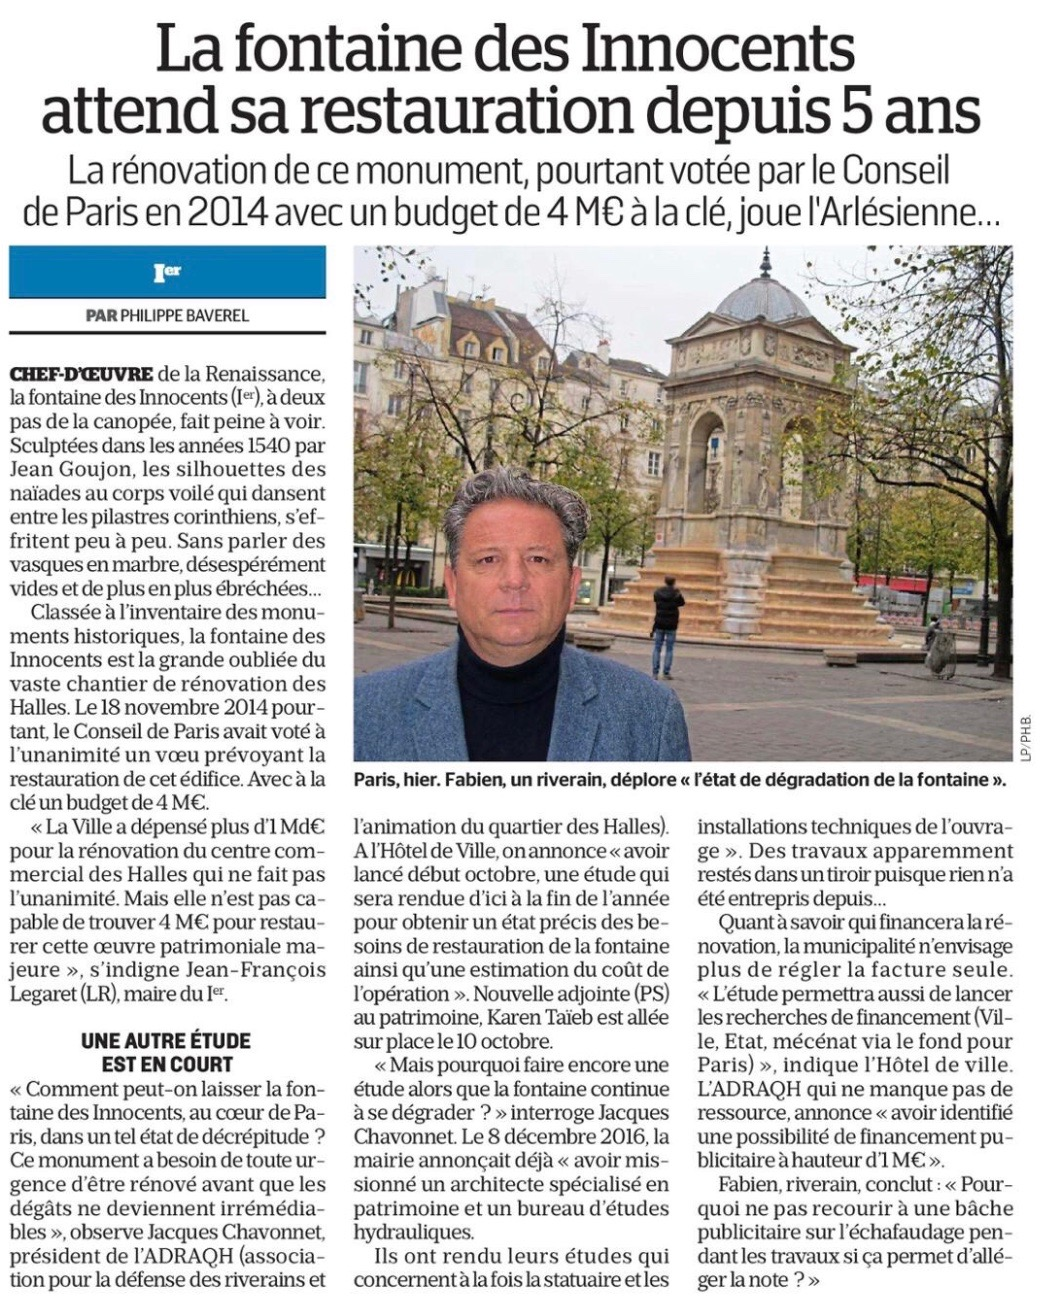 20181030_Le_Parisien_La_fontaine_des_Innocents_attend_sa_restauration_depuis_5_ans